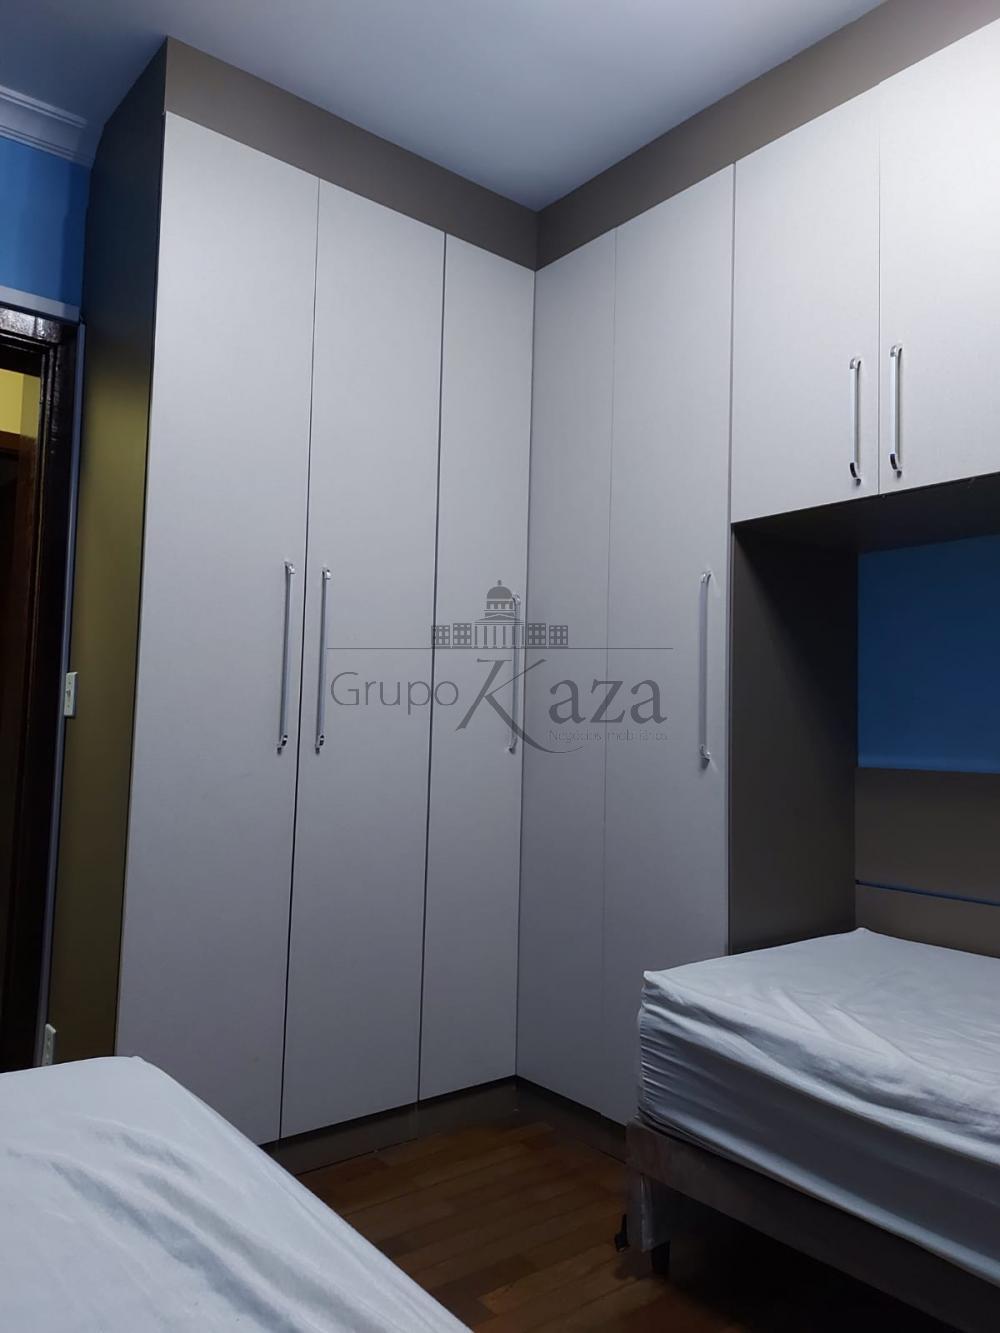 alt='Alugar Apartamento / Padrão em São José dos Campos R$ 2.750,00 - Foto 16' title='Alugar Apartamento / Padrão em São José dos Campos R$ 2.750,00 - Foto 16'